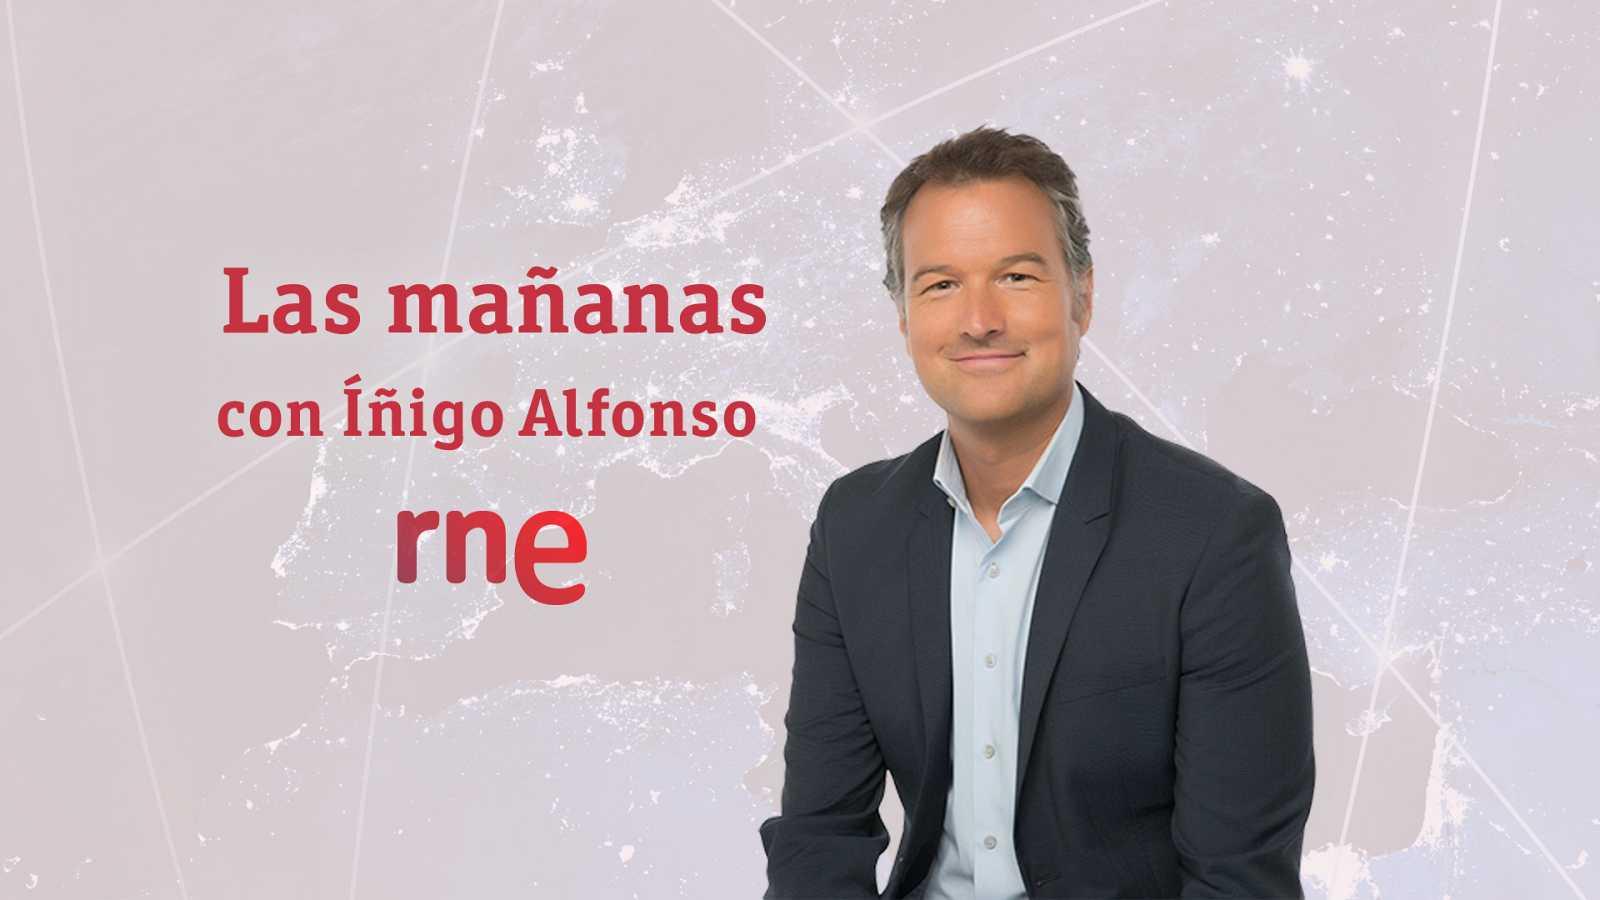 Las mañanas de RNE con Íñigo Alfonso - Segunda hora - 25/01/21 - escuchar ahora